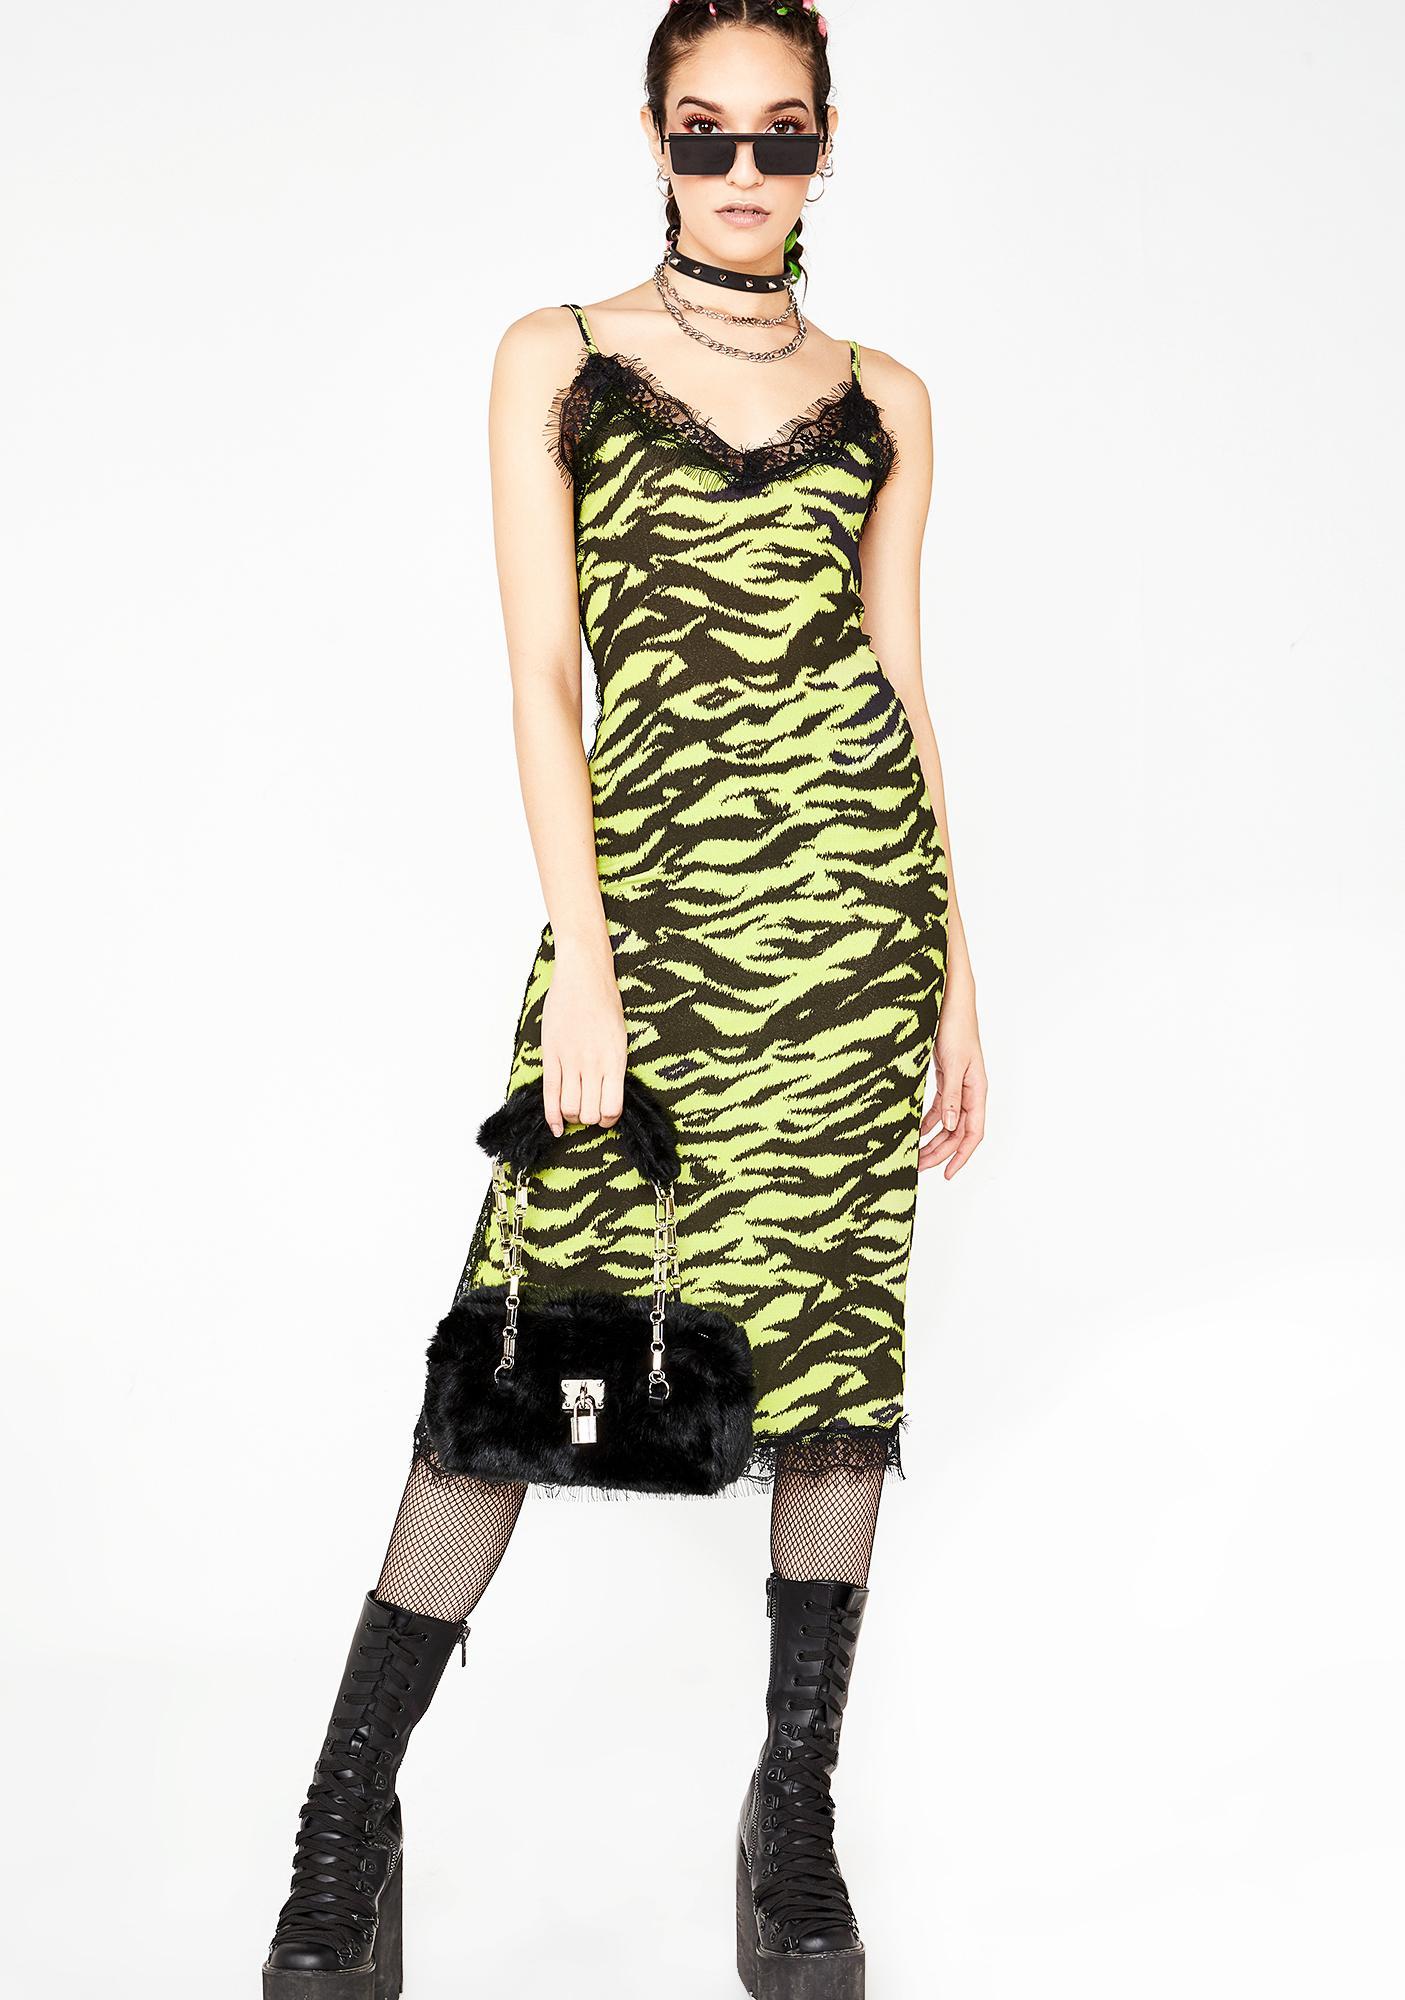 NEW GIRL ORDER Zebra Lace Slip Dress